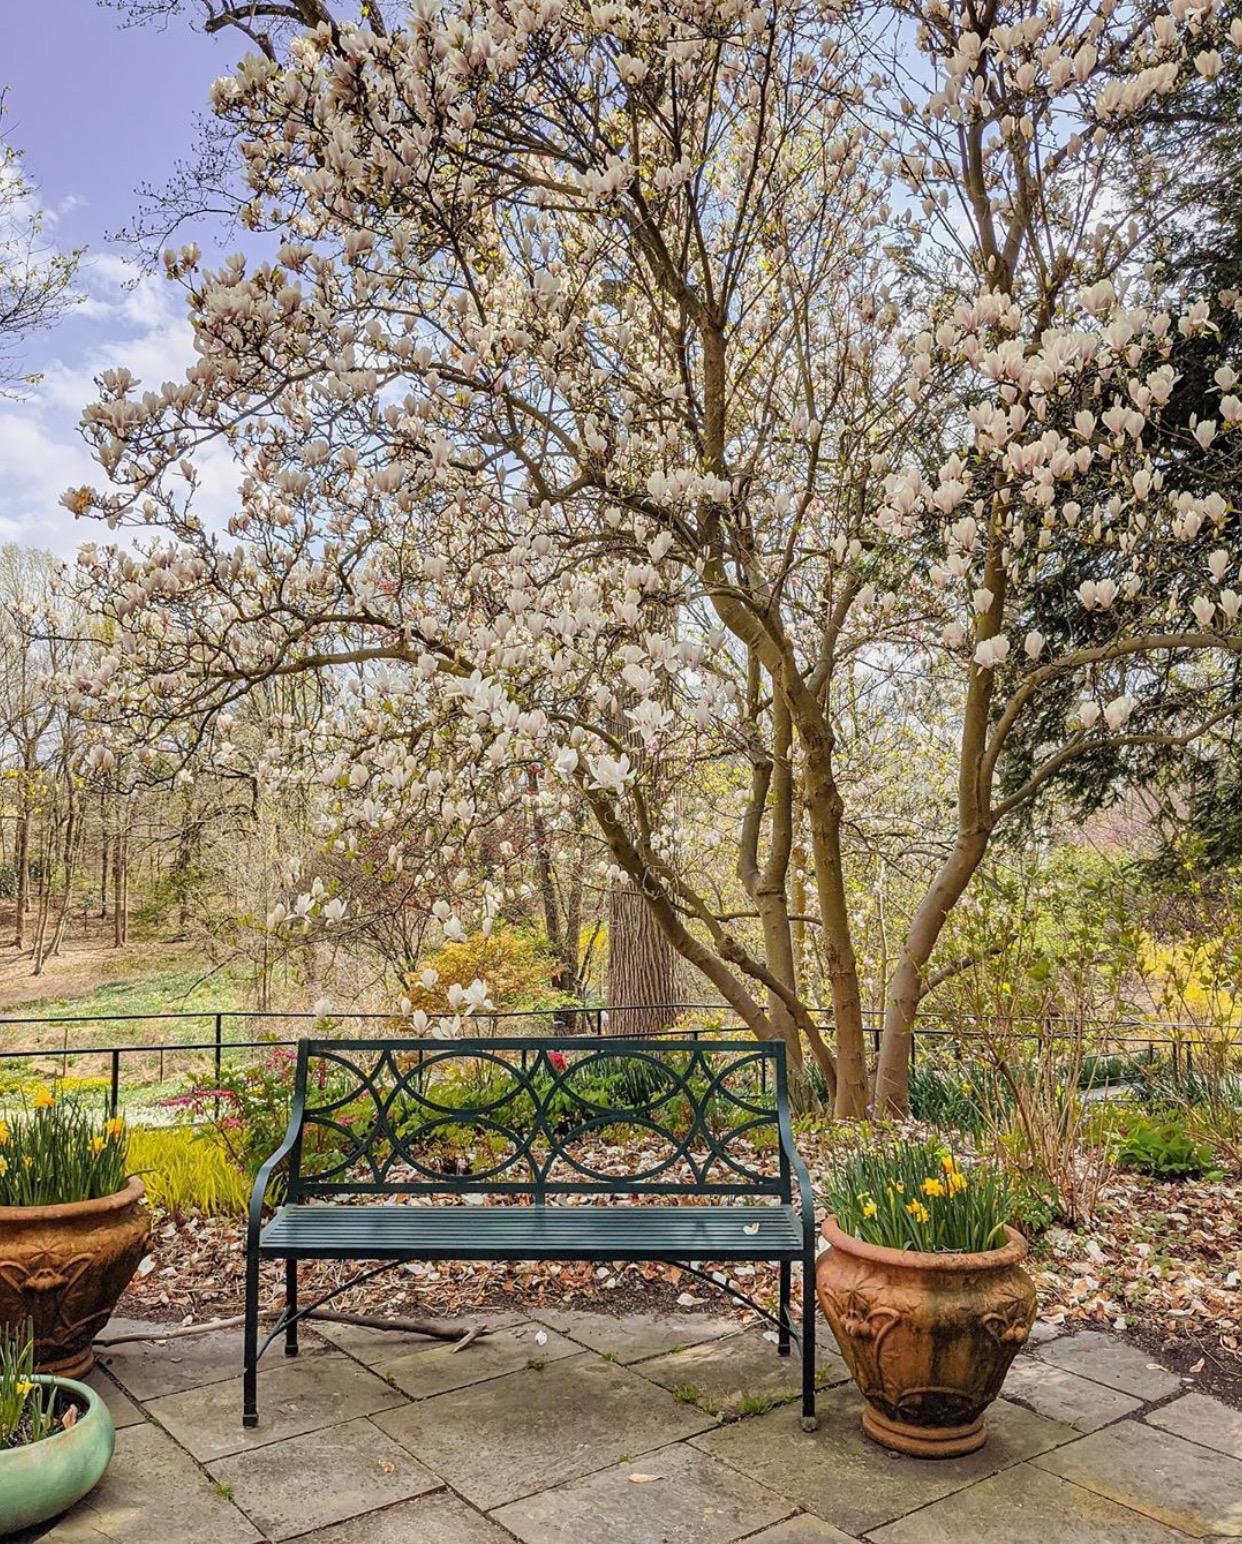 NJ gardens, reeves reed arboretum